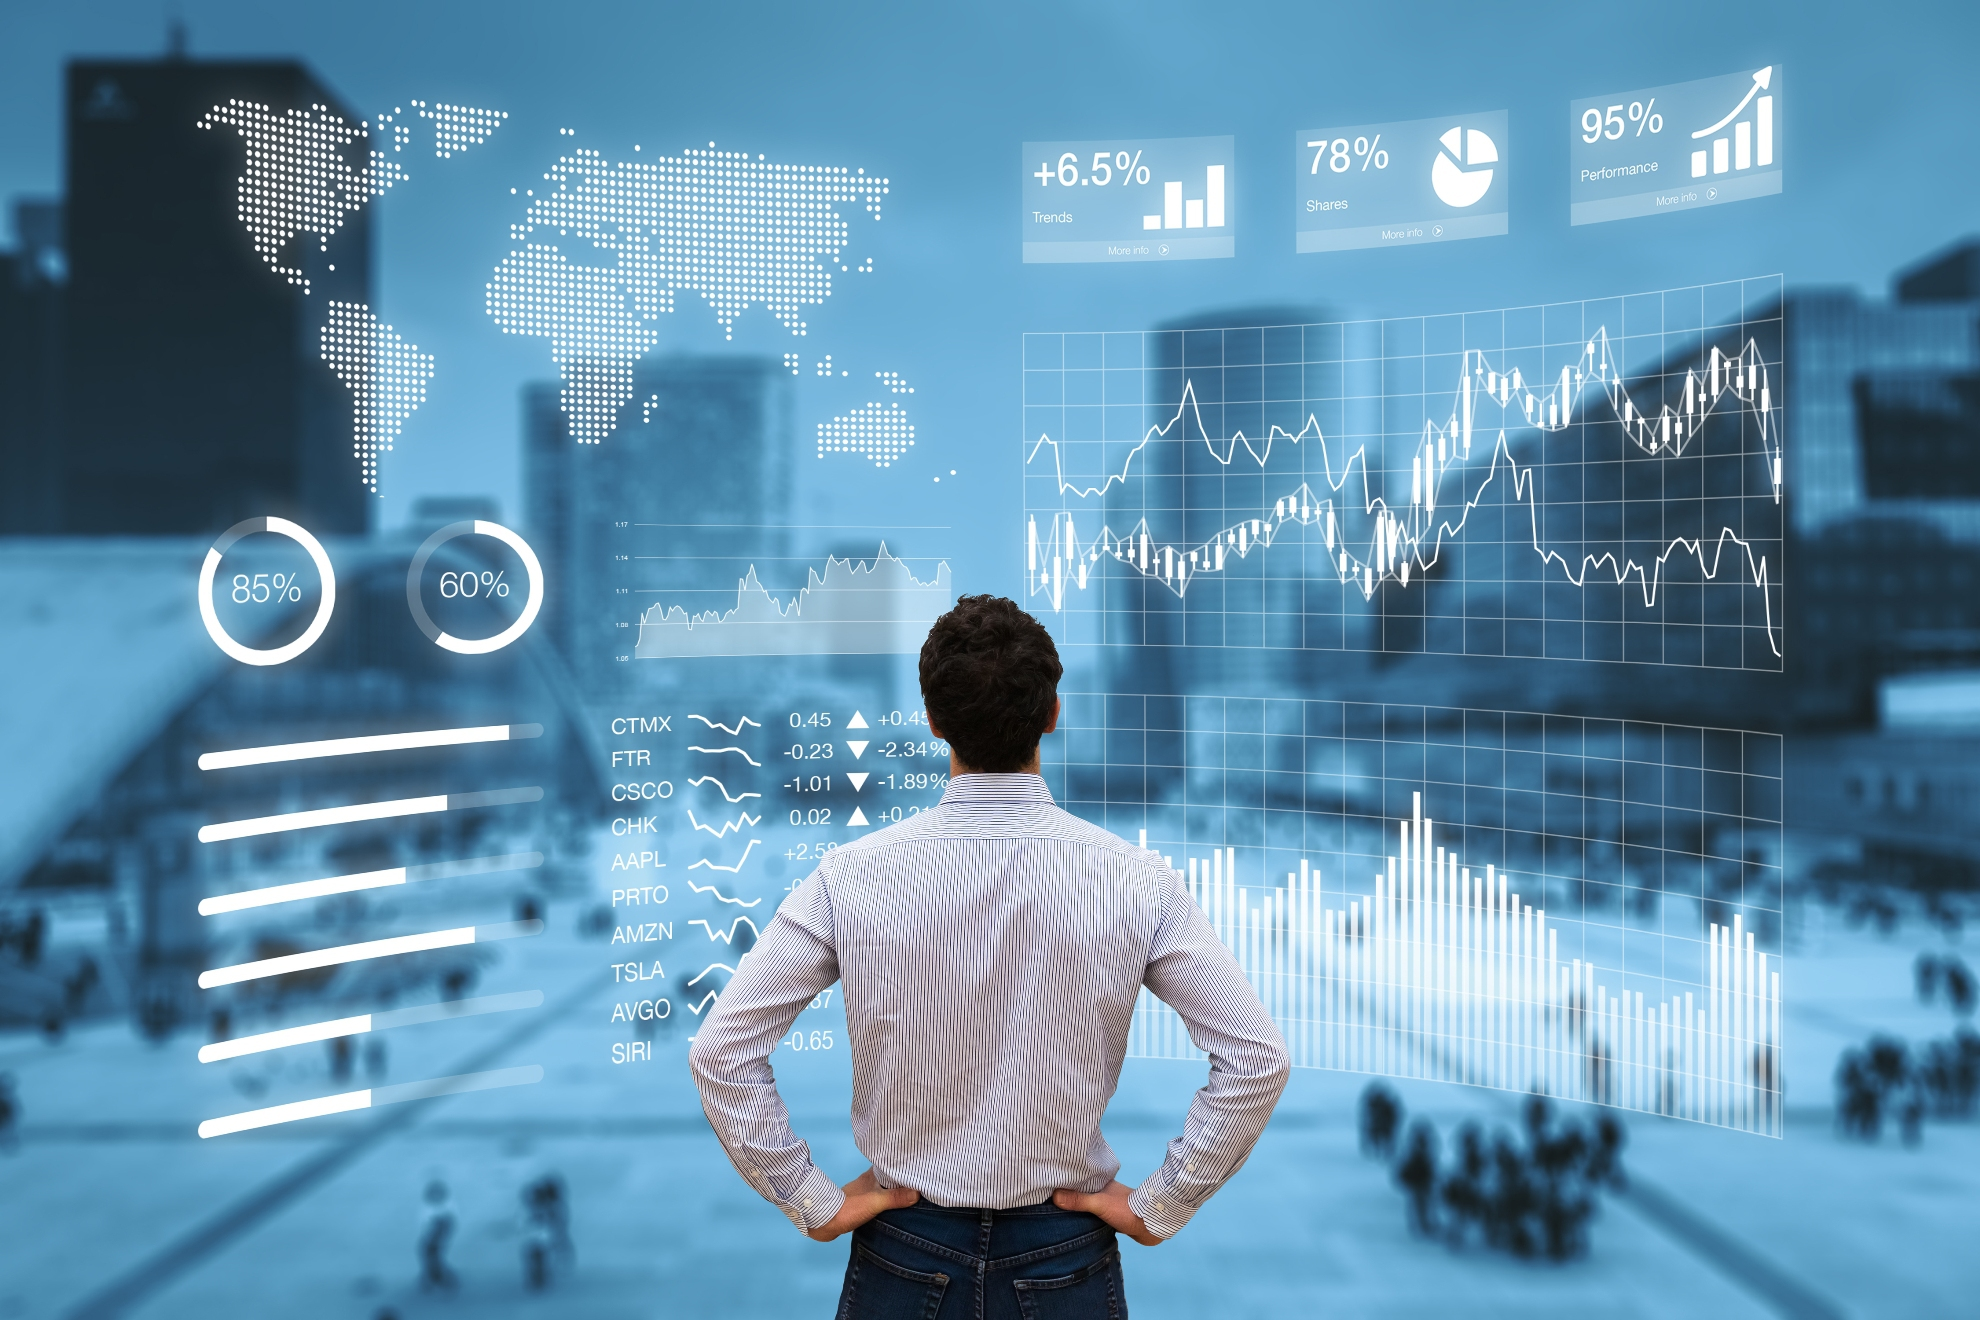 3 dicas para melhorar a performance digital da sua empresa